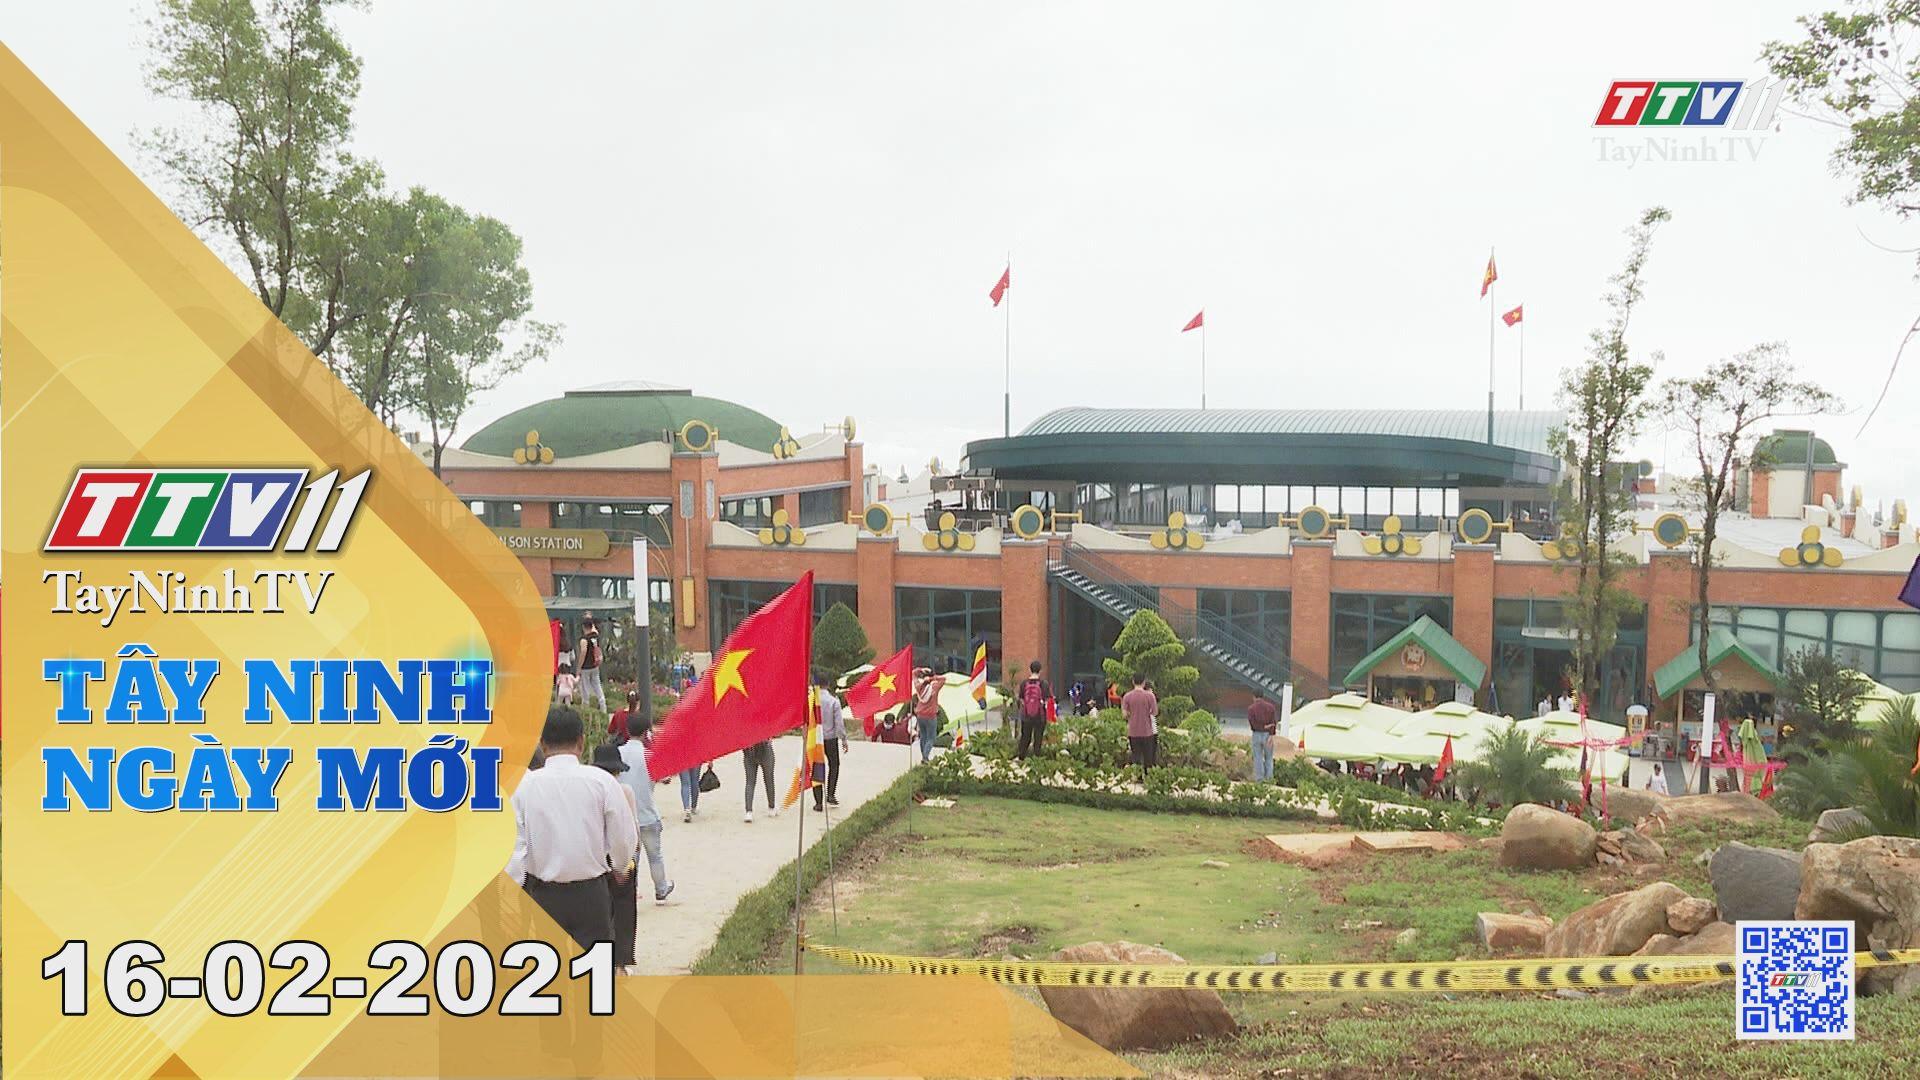 Tây Ninh Ngày Mới 16-02-2021   Tin tức hôm nay   TayNinhTV